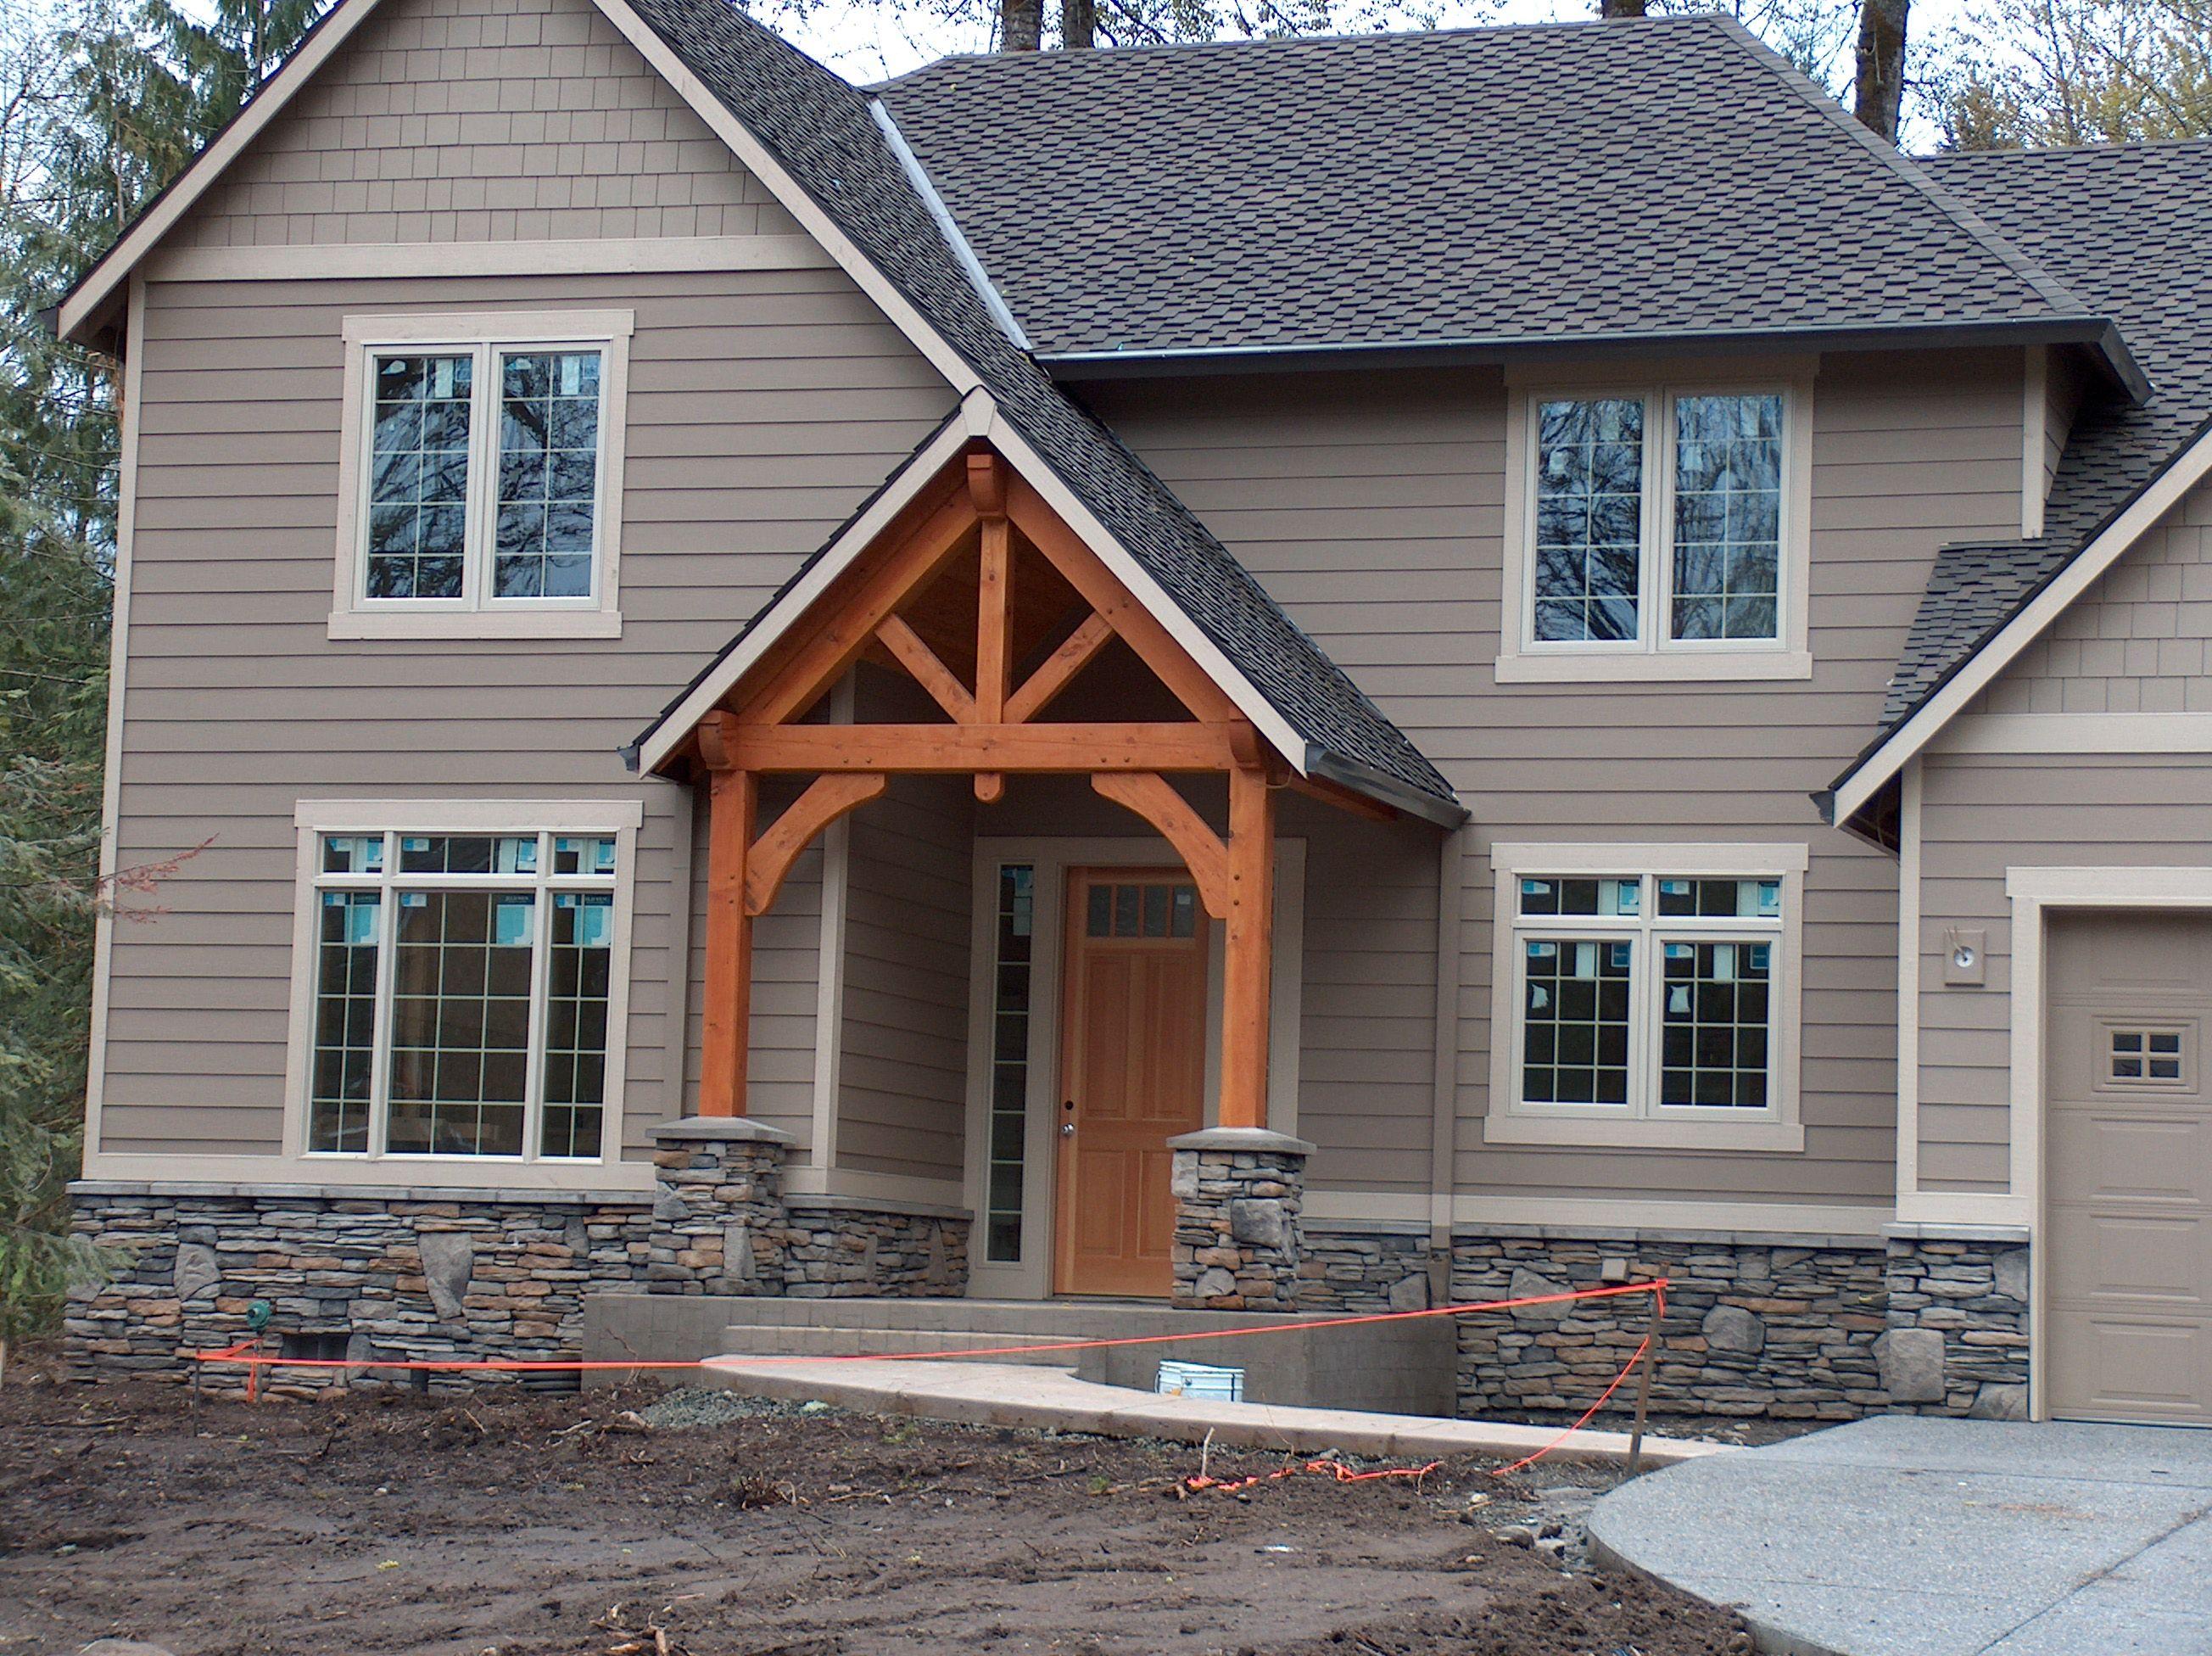 Timber frame entry timber frame entry pinterest for Timber frame design